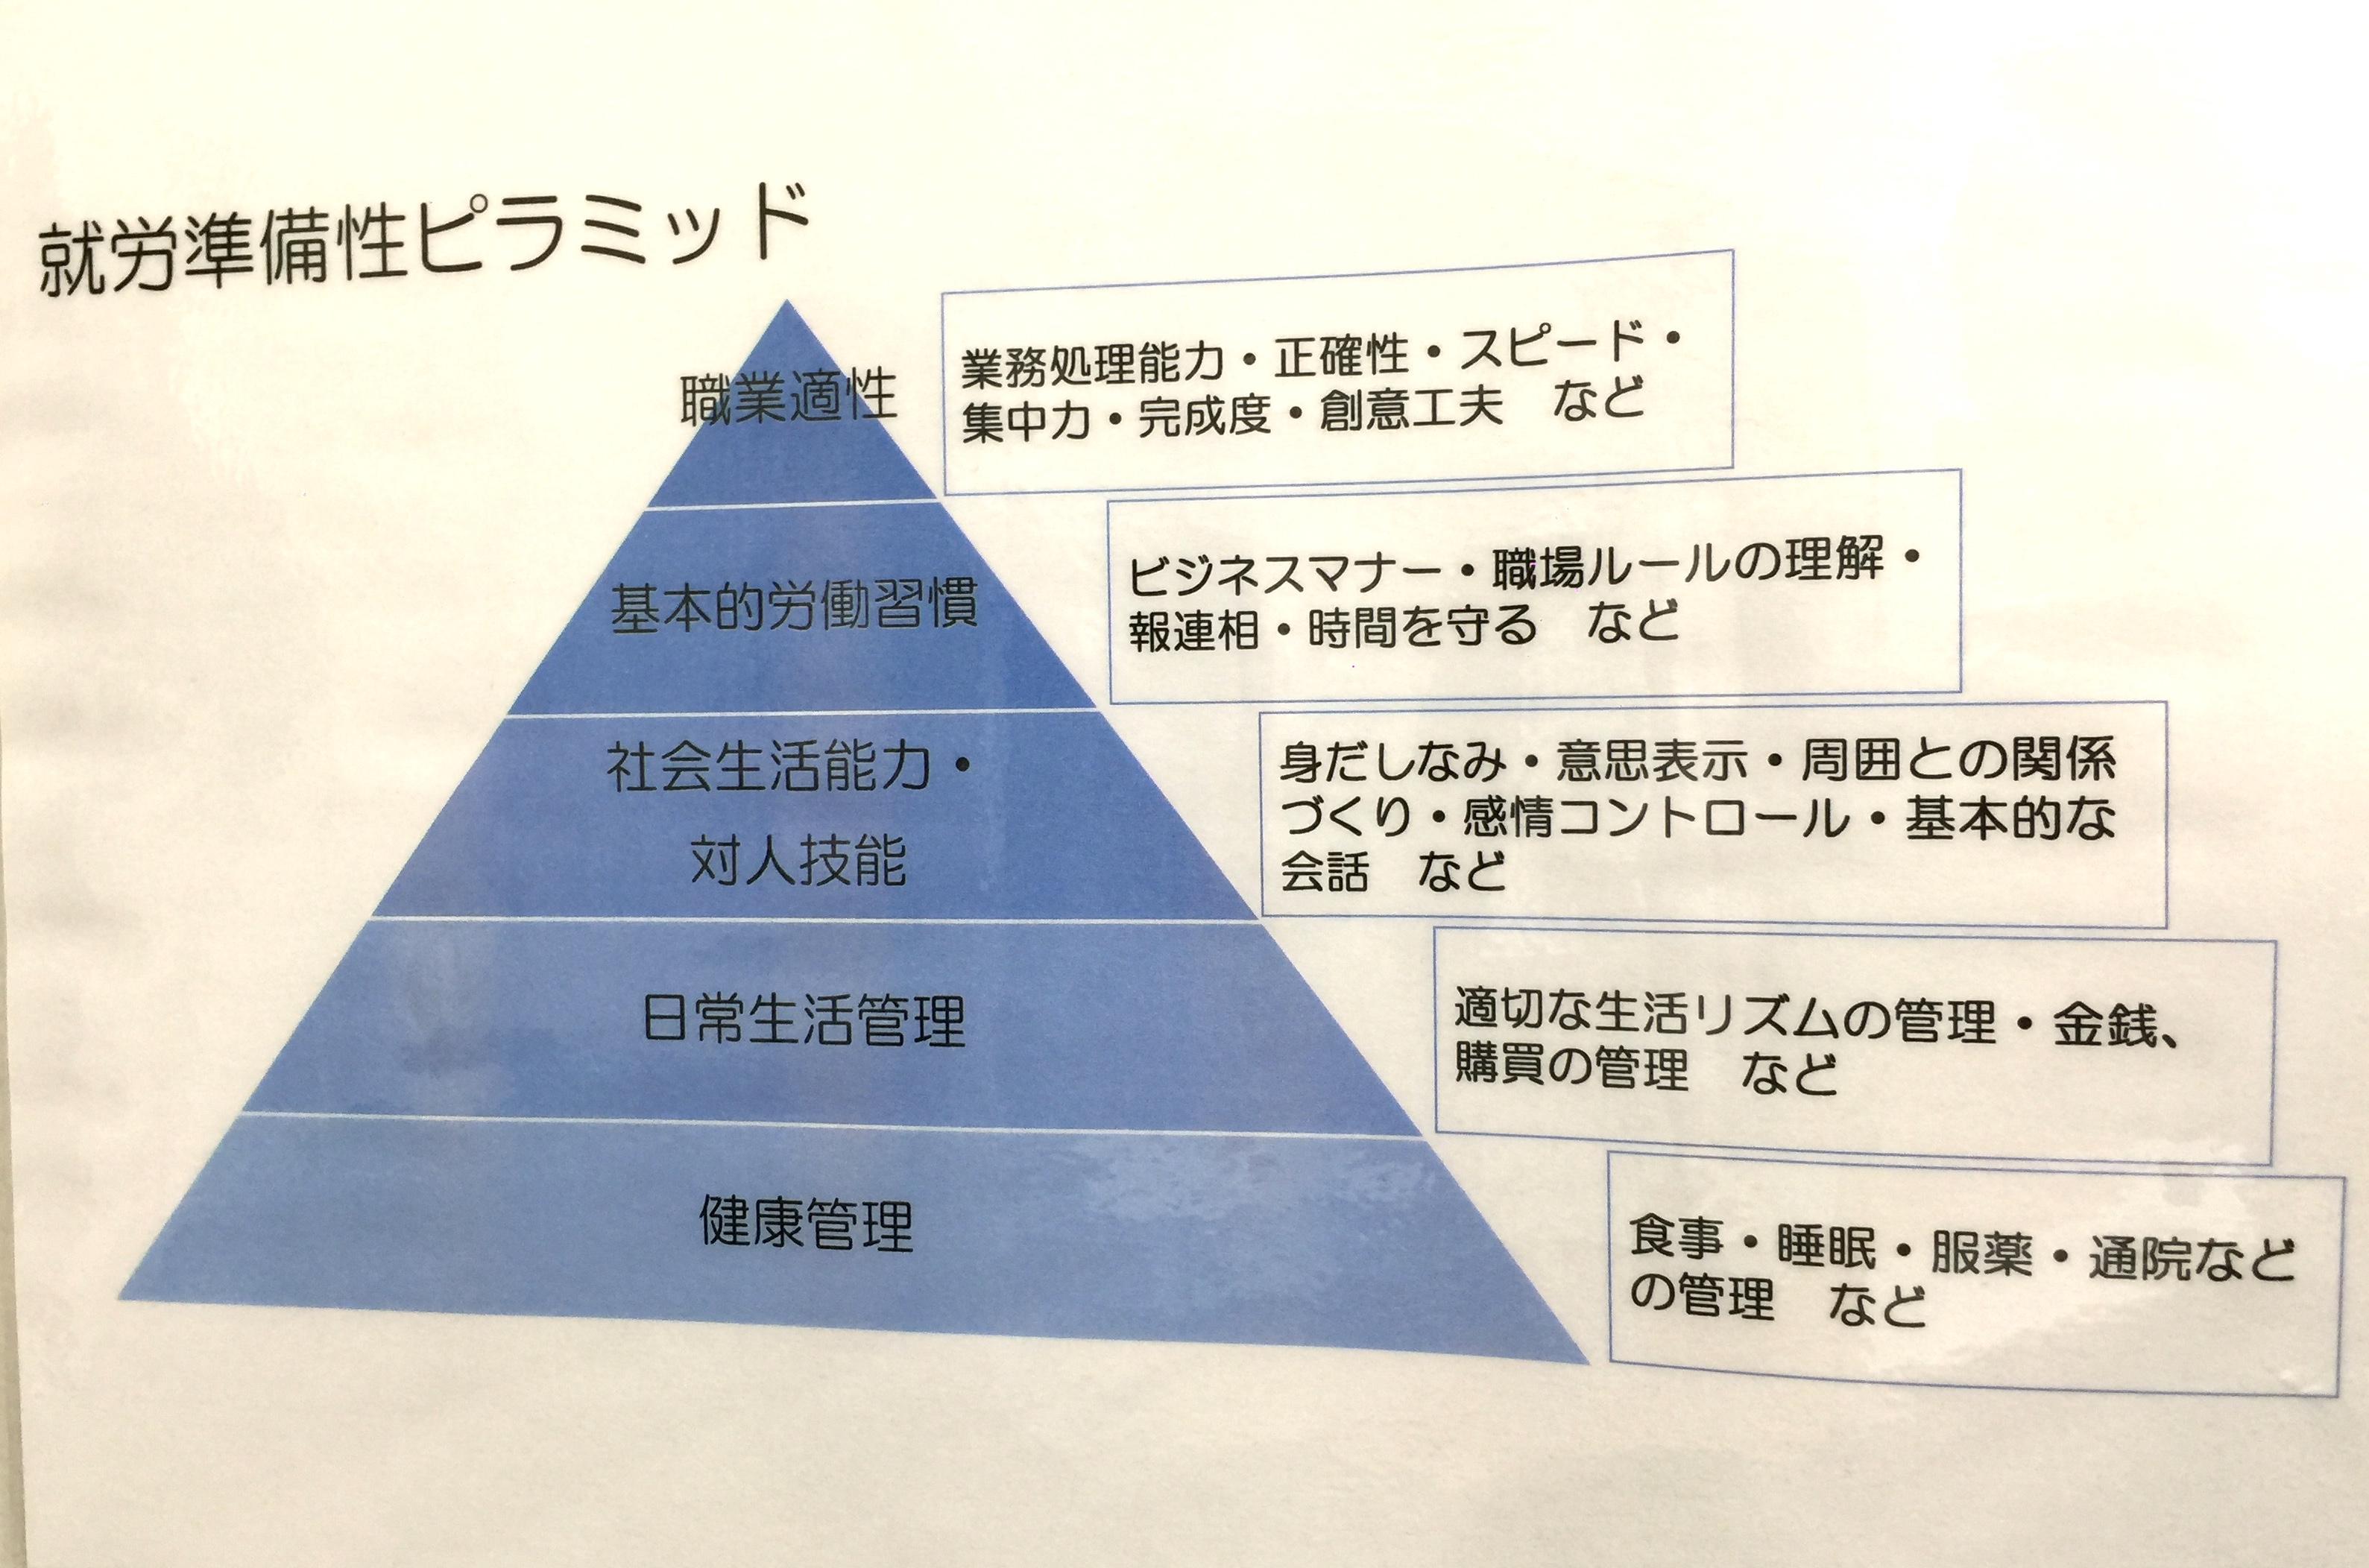 就労準備性ピラミッド